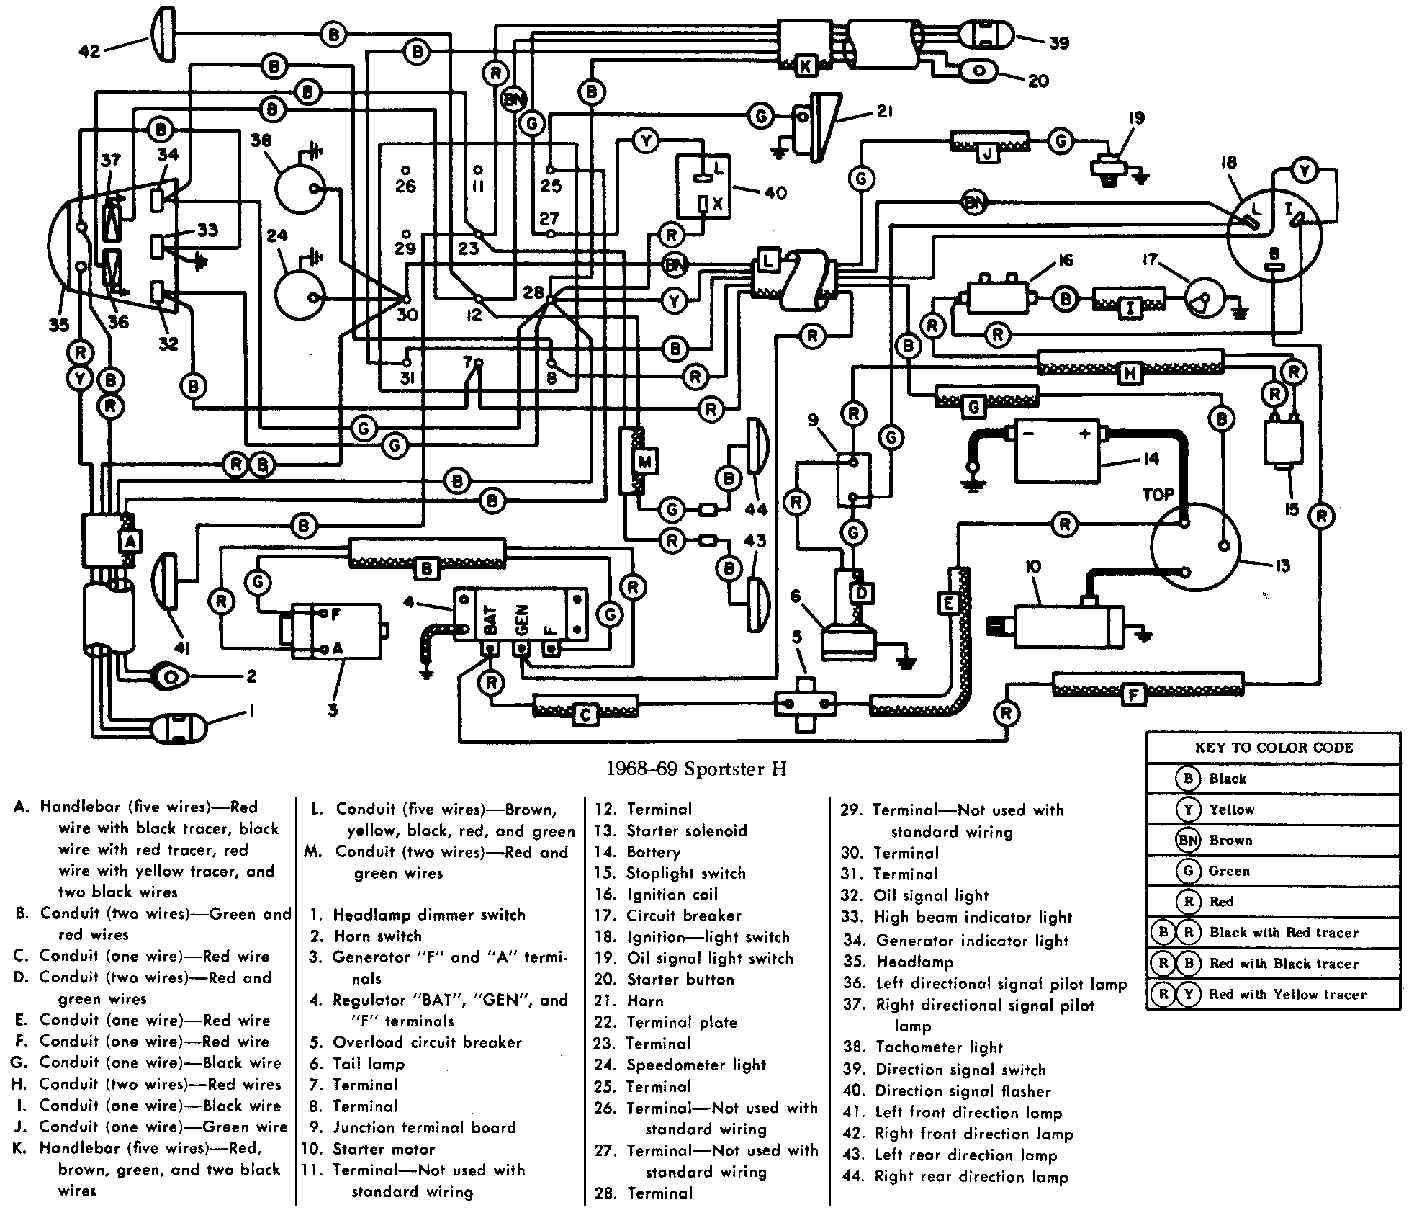 wiring diagram circuit pdf images 1992 harley davidson in 1992 sportster wiring diagram [ 1409 x 1218 Pixel ]